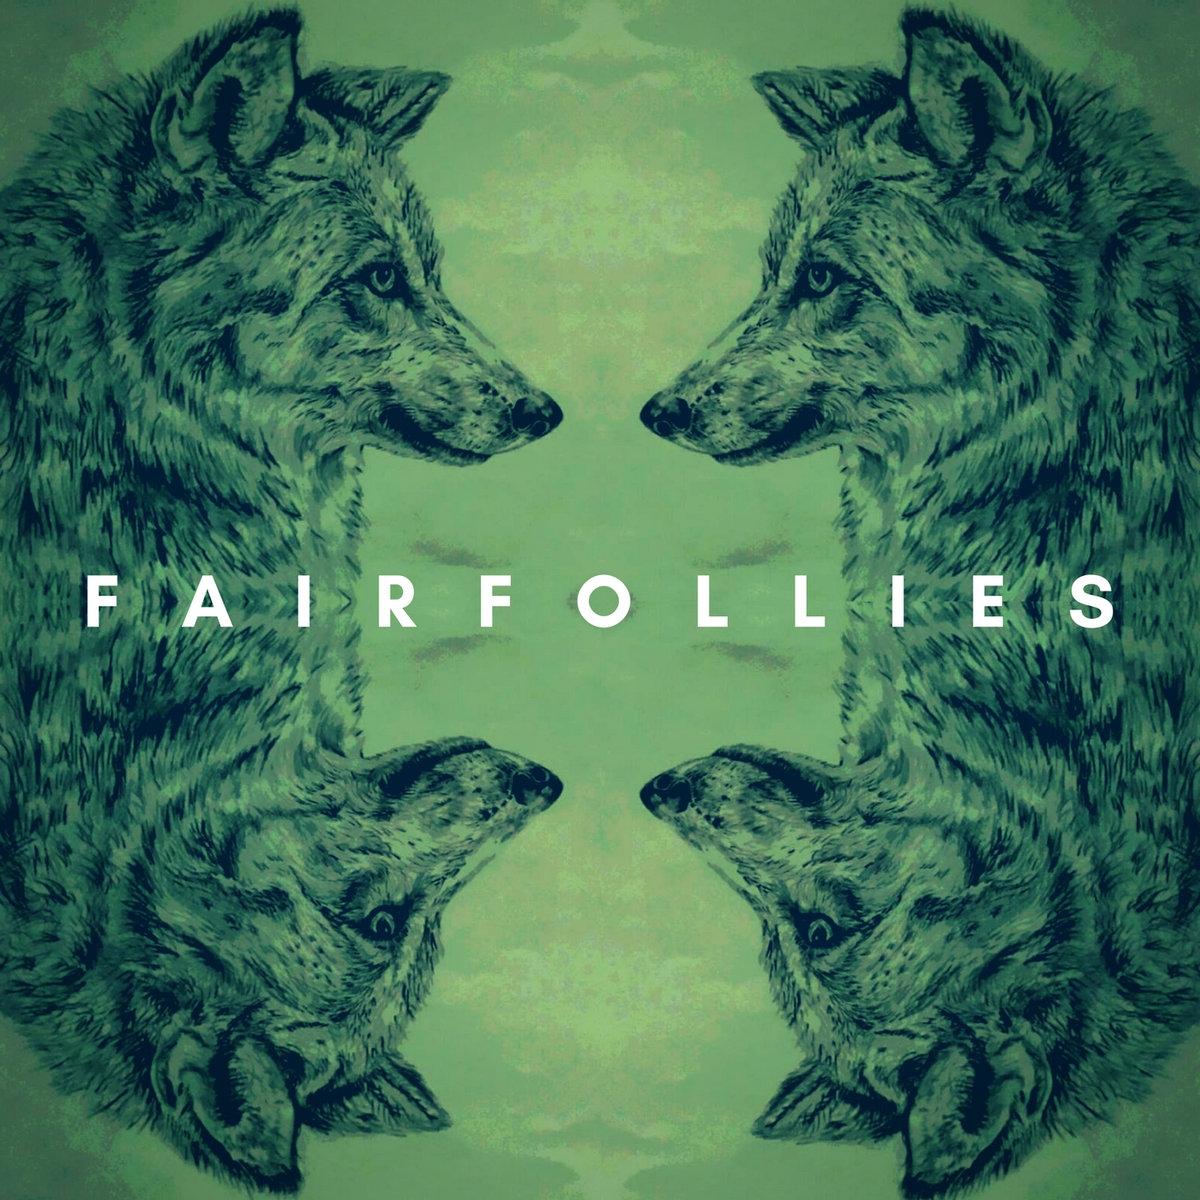 FairFollies EP Artwork